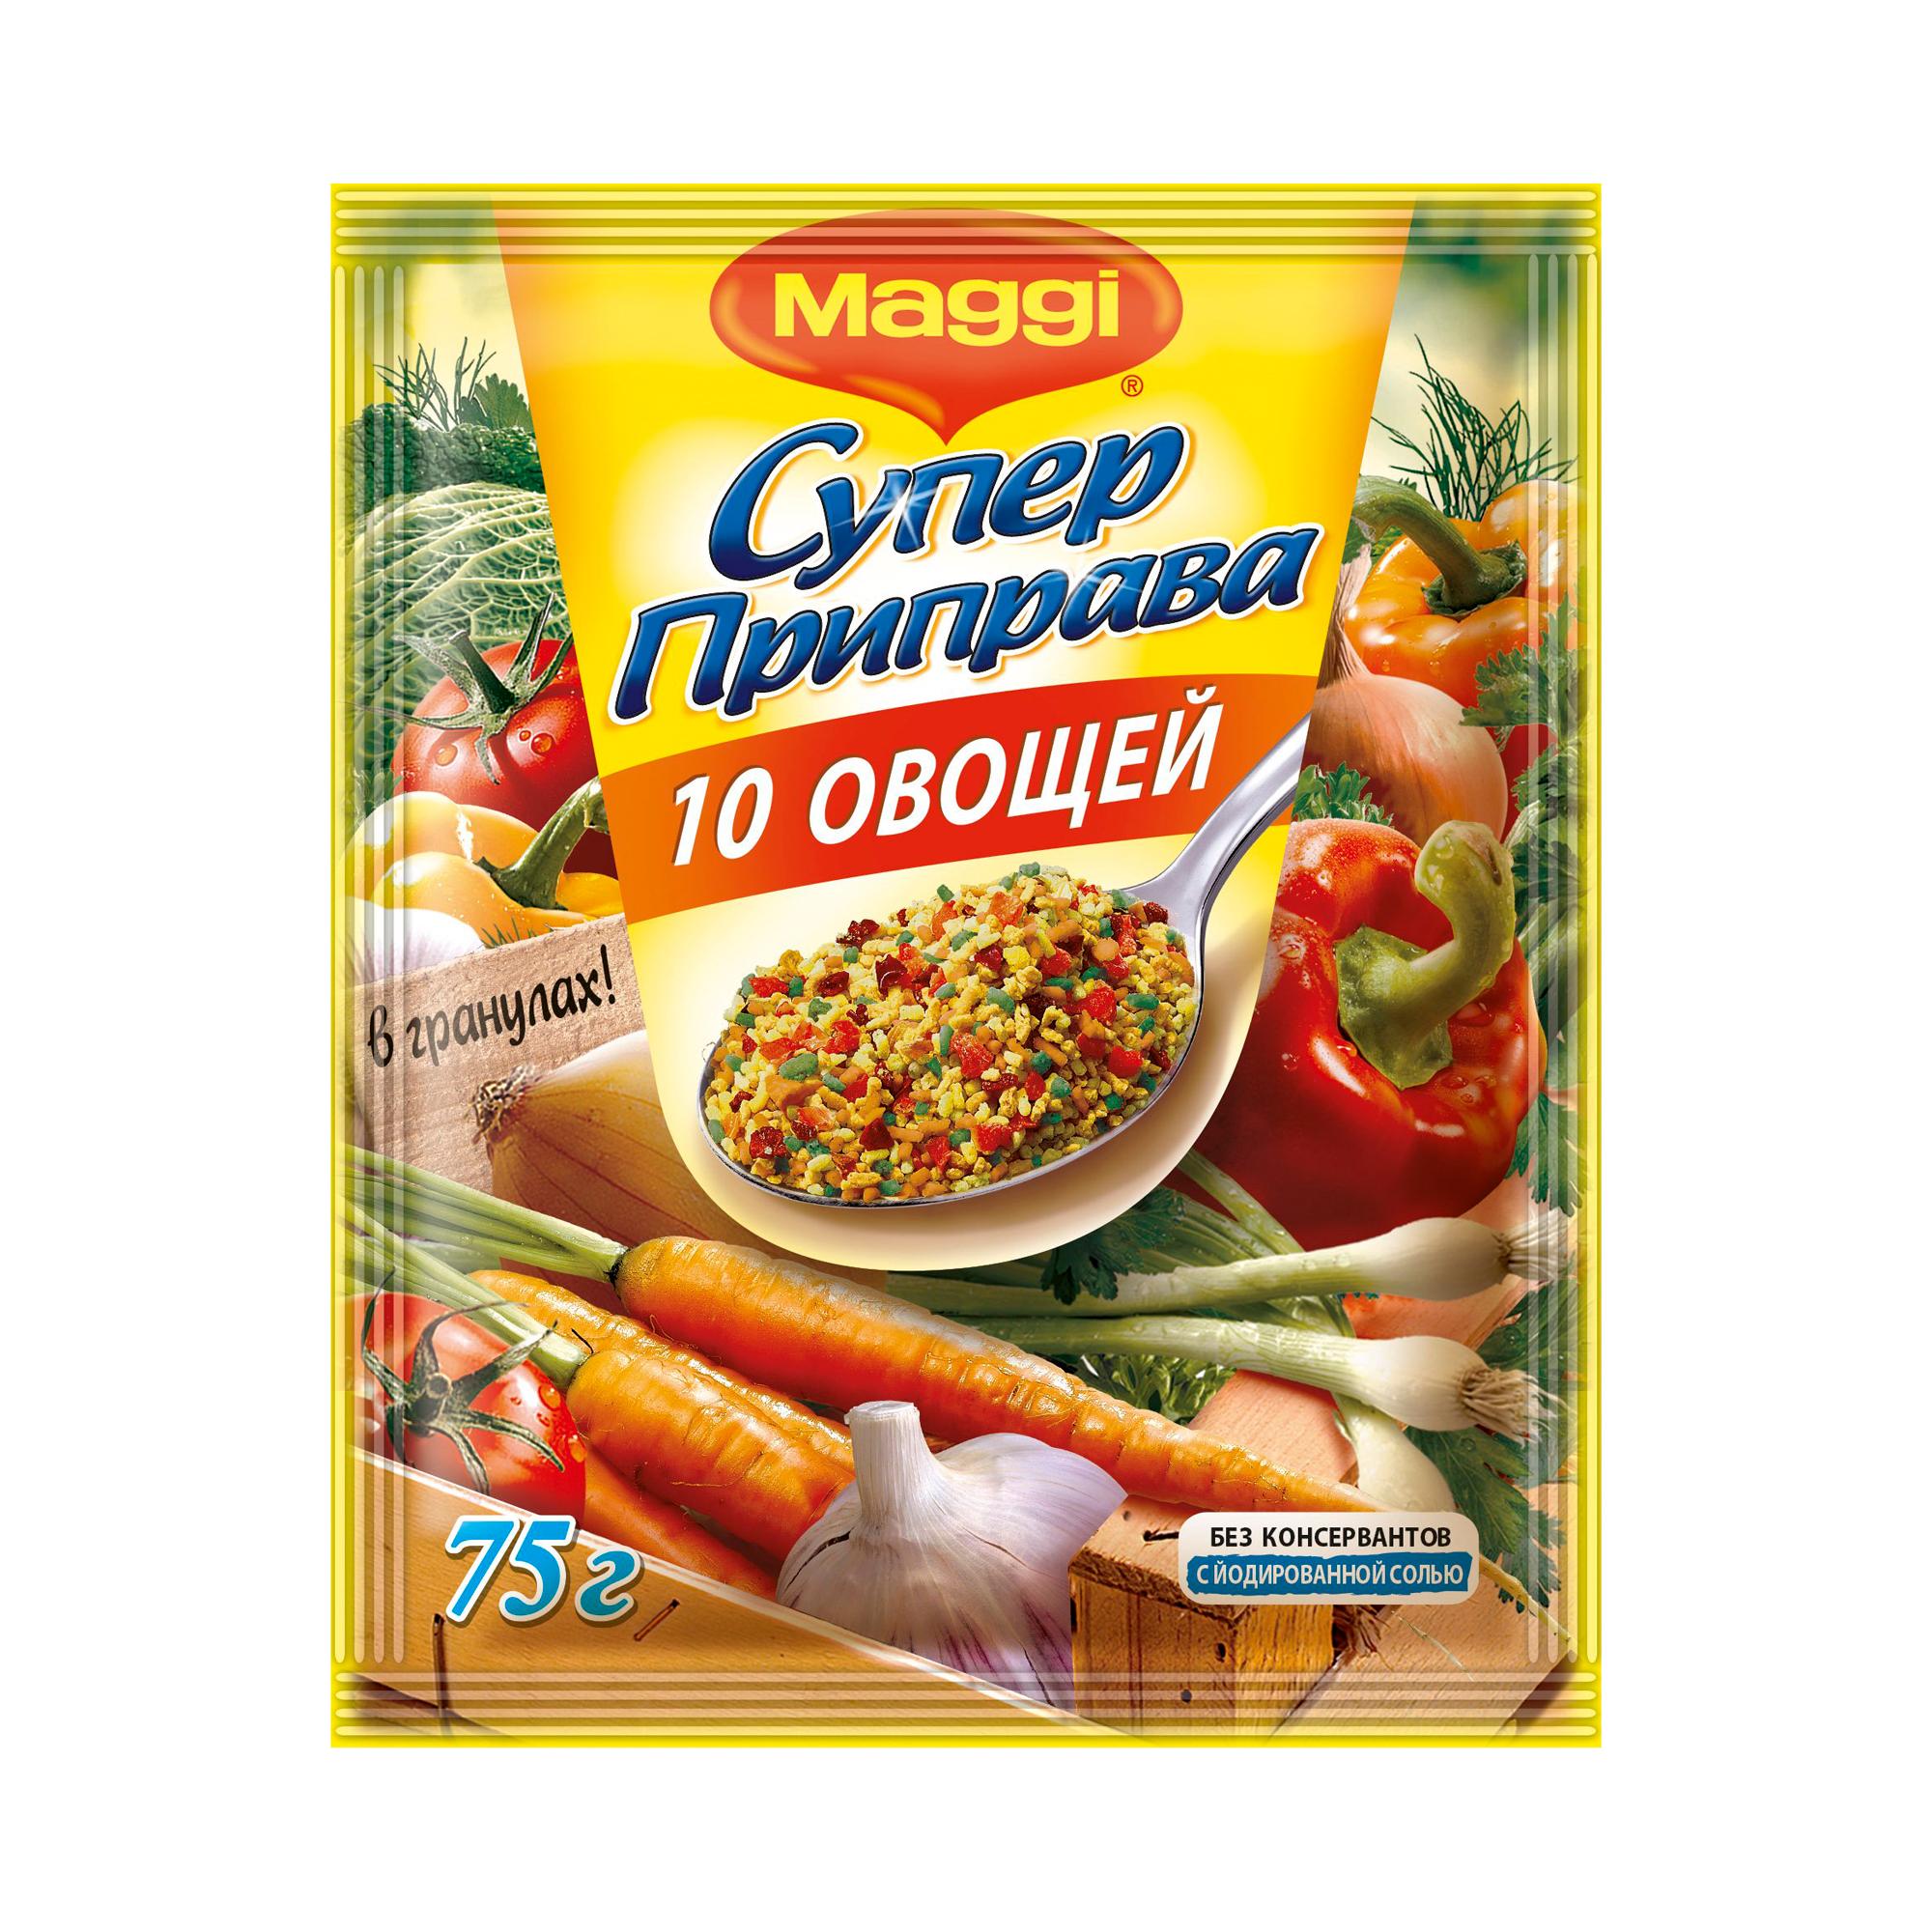 Фото - Приправа Maggi Супер 10 овощей 75 г приправа королевская китчен кинг indian bazar 2 шт по 75 г